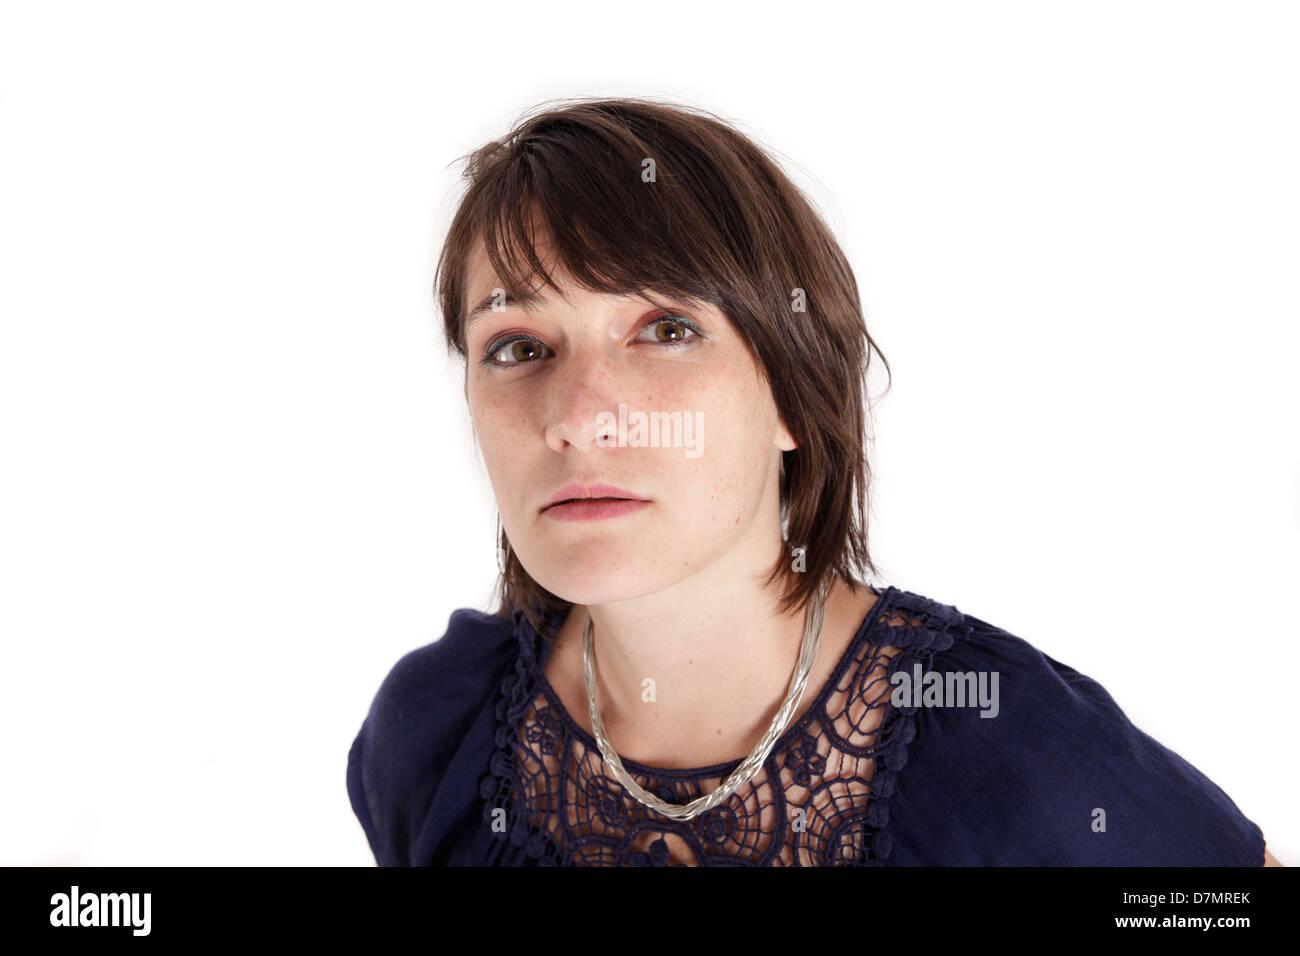 Expression de la variation sur le visage d'une jeune femme brune en studio Banque D'Images